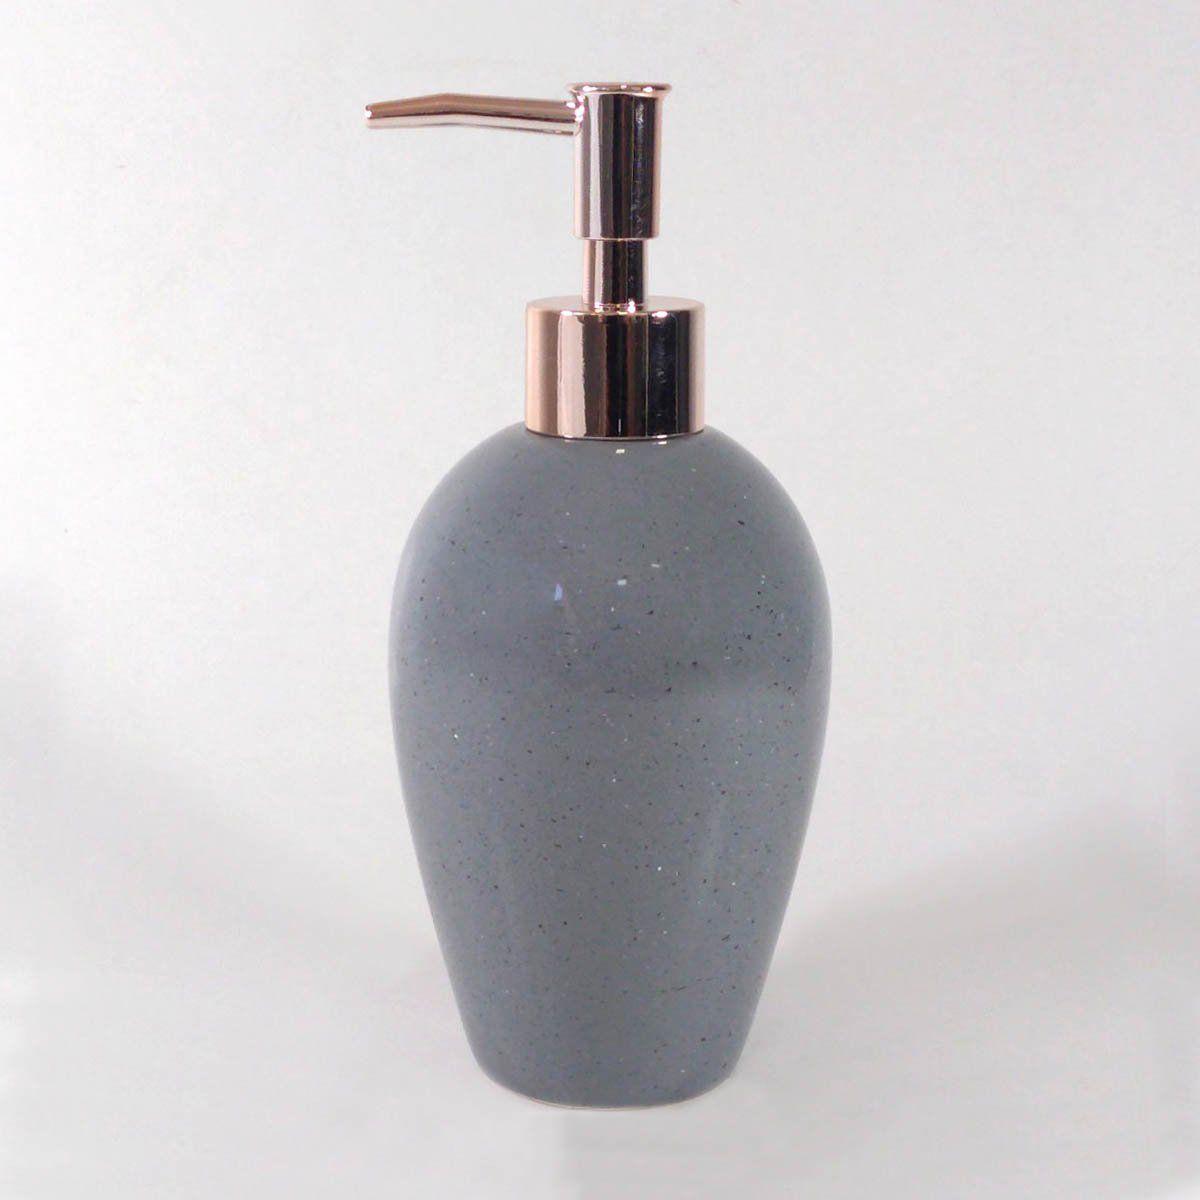 Porta Sabonete Liquido Cerâmica Cinza/Rose Gold 18CM 9070